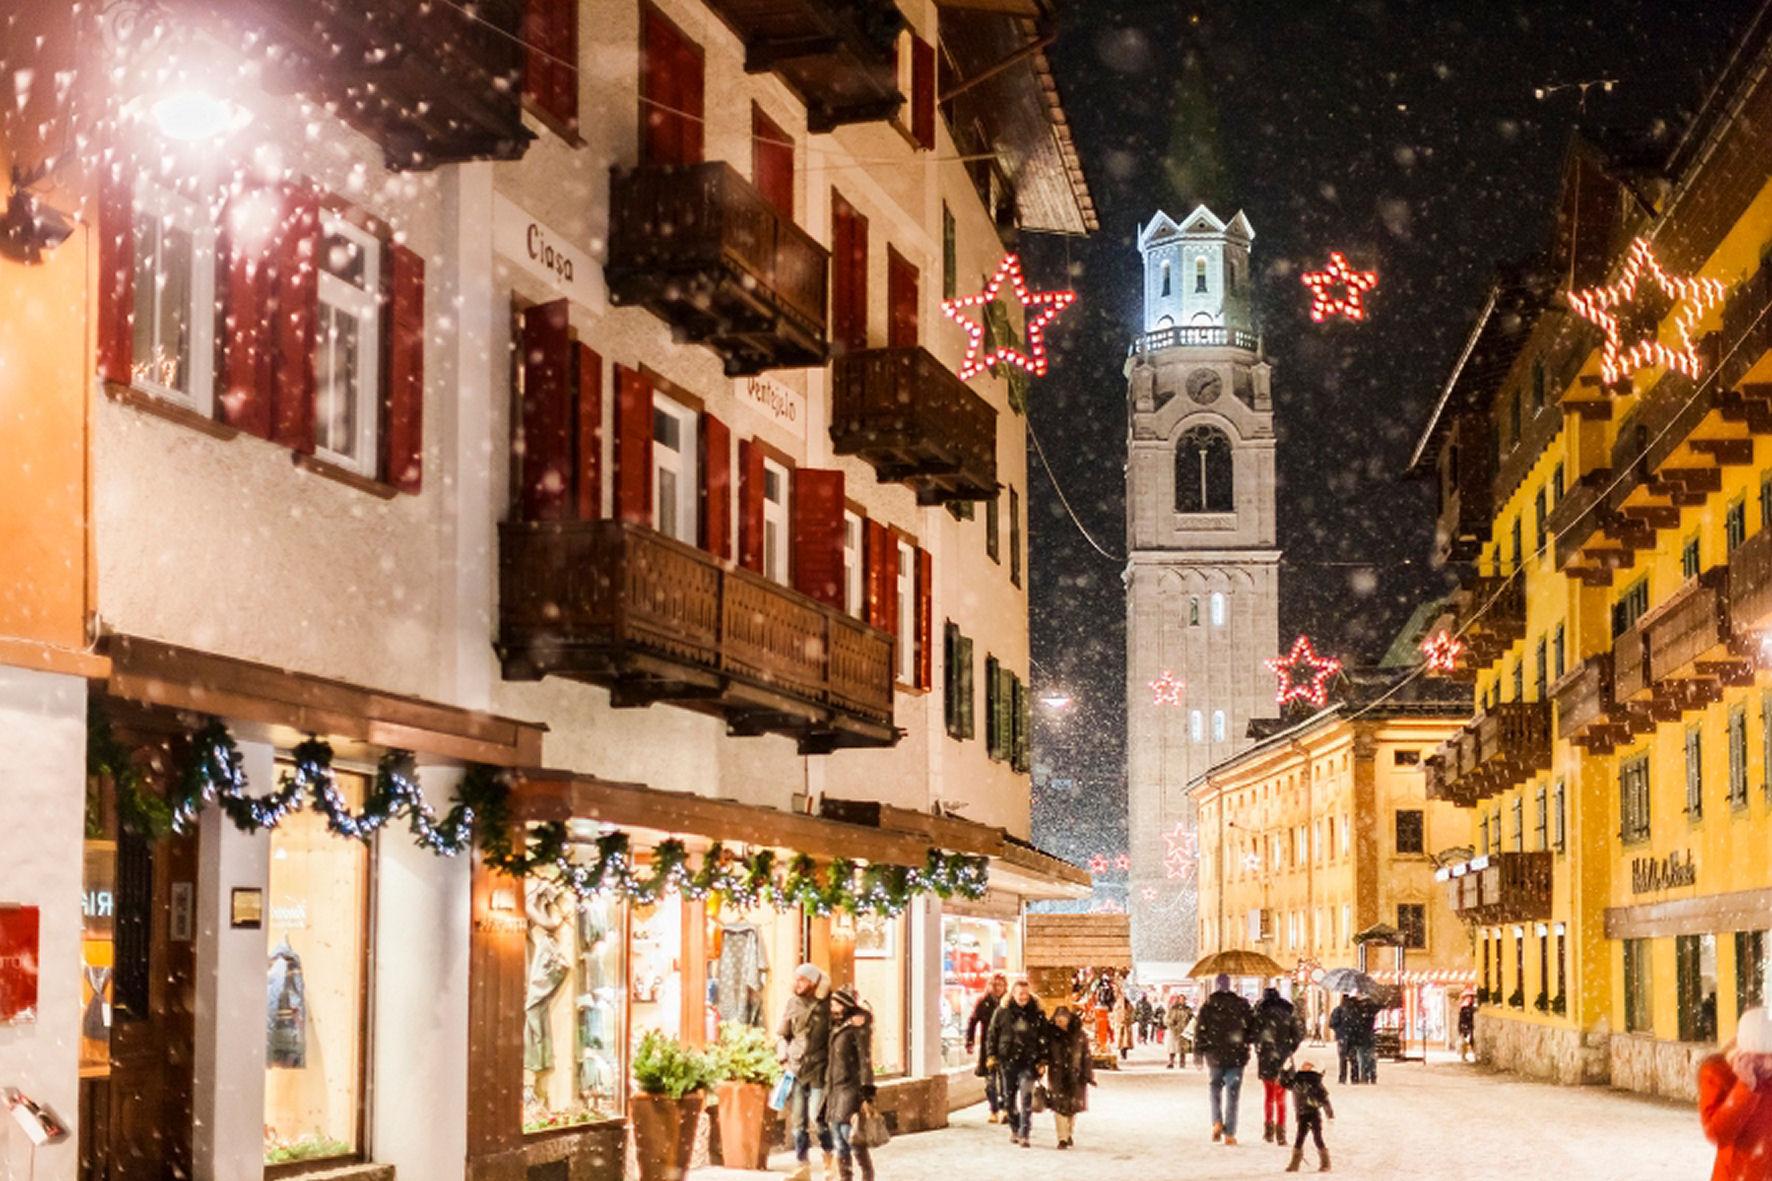 Immagini Di Natale In Montagna.Vacanze Di Natale Boom Per La Montagna Con Il Doppio Dei